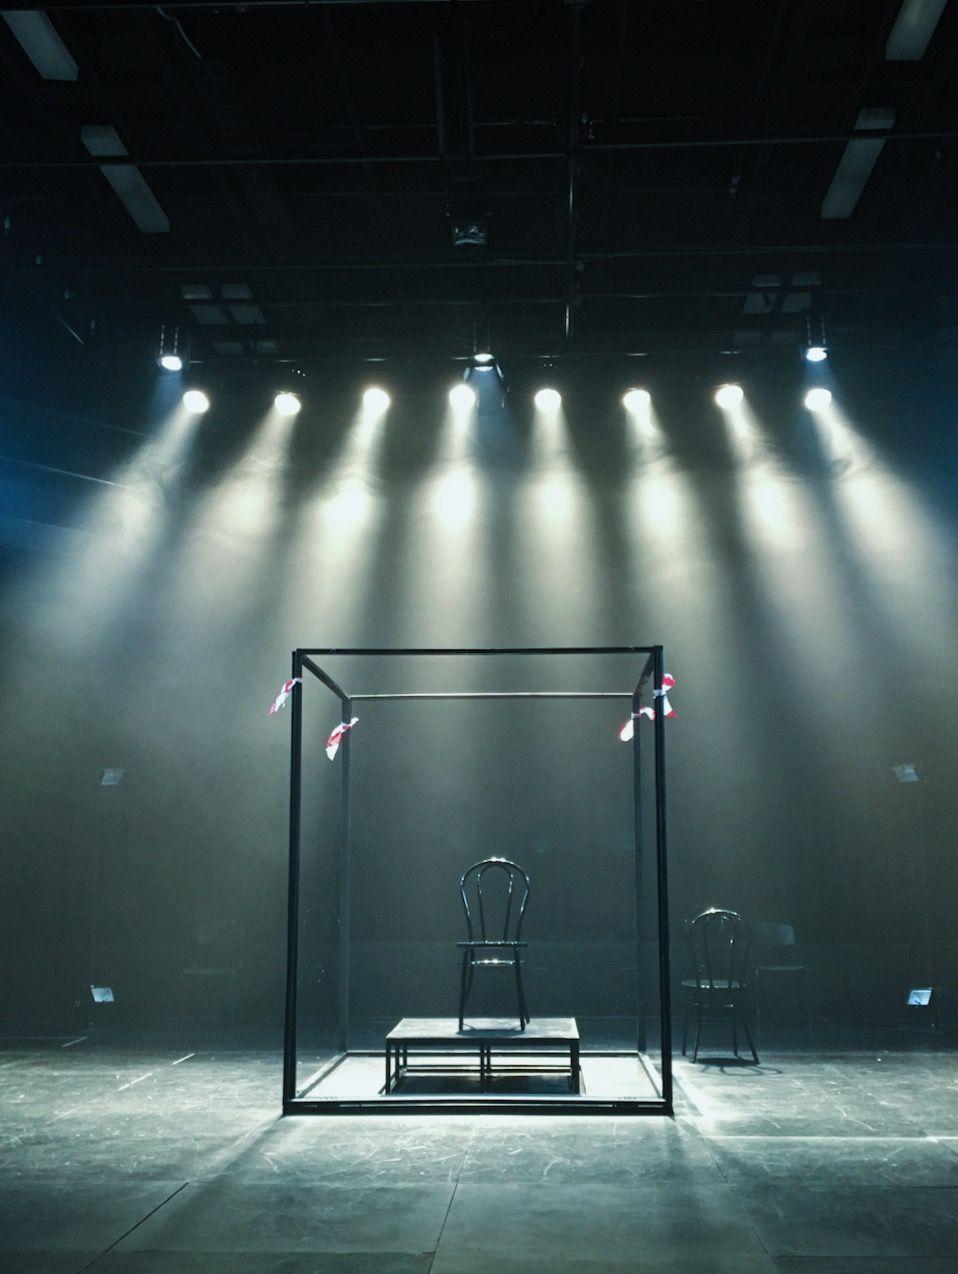 Phuong an 2 1 buong giam duy nhat | Escenografía teatro ...